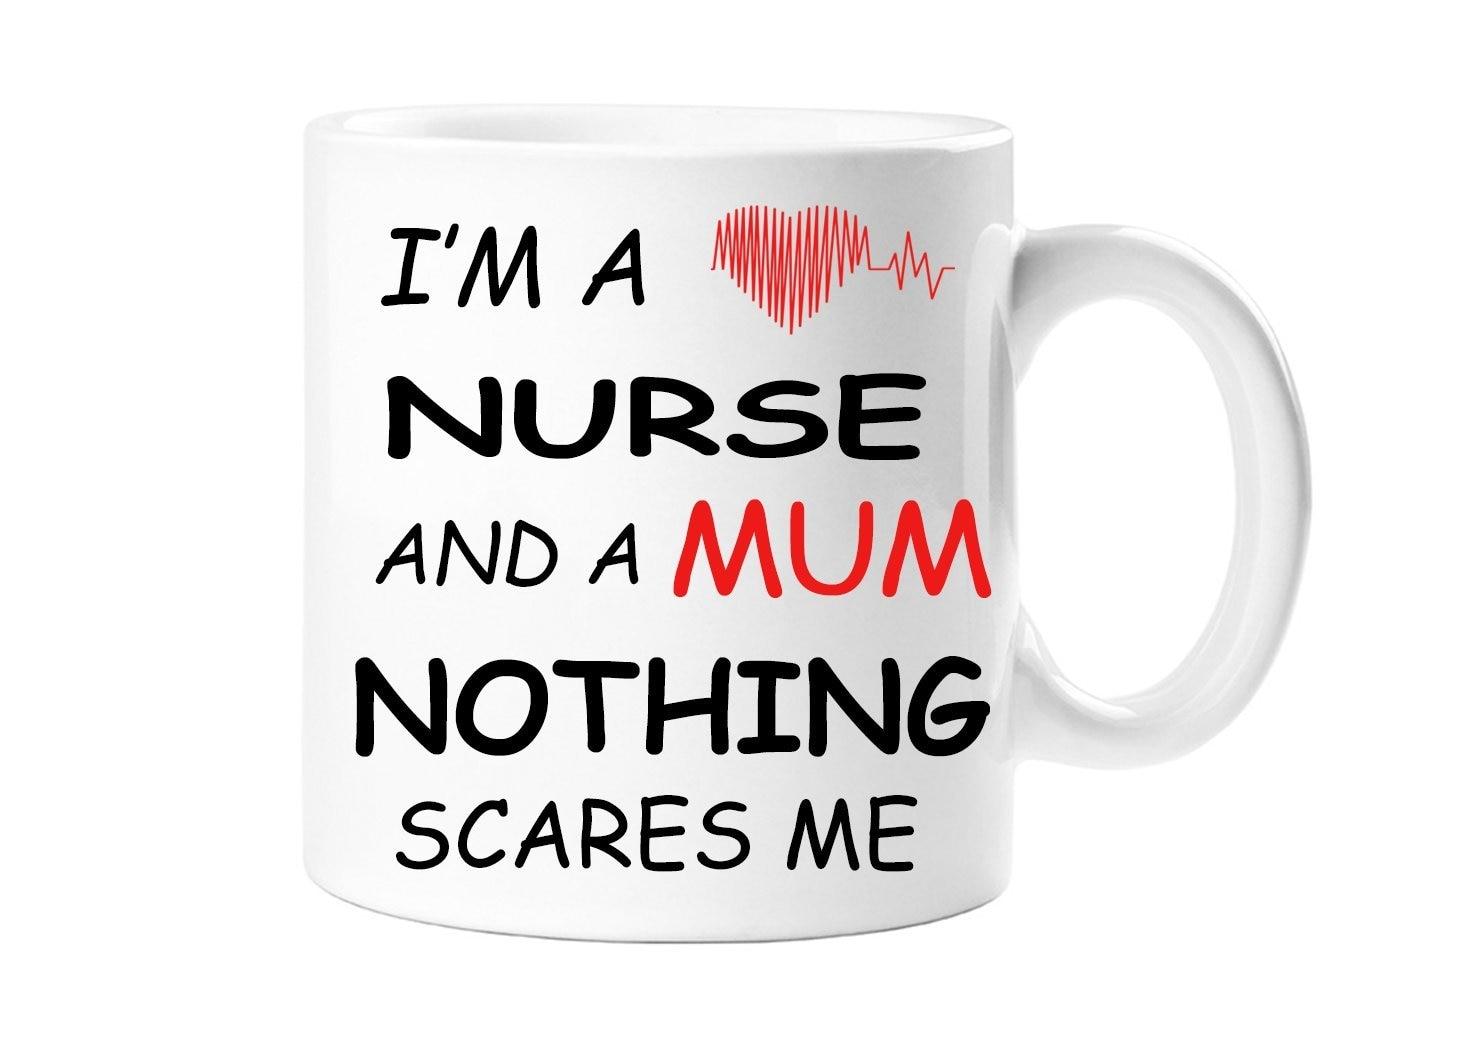 Soy enfermera y mamá nada Me asusta enfermera madre novedad madres día cumpleaños navidad regalo